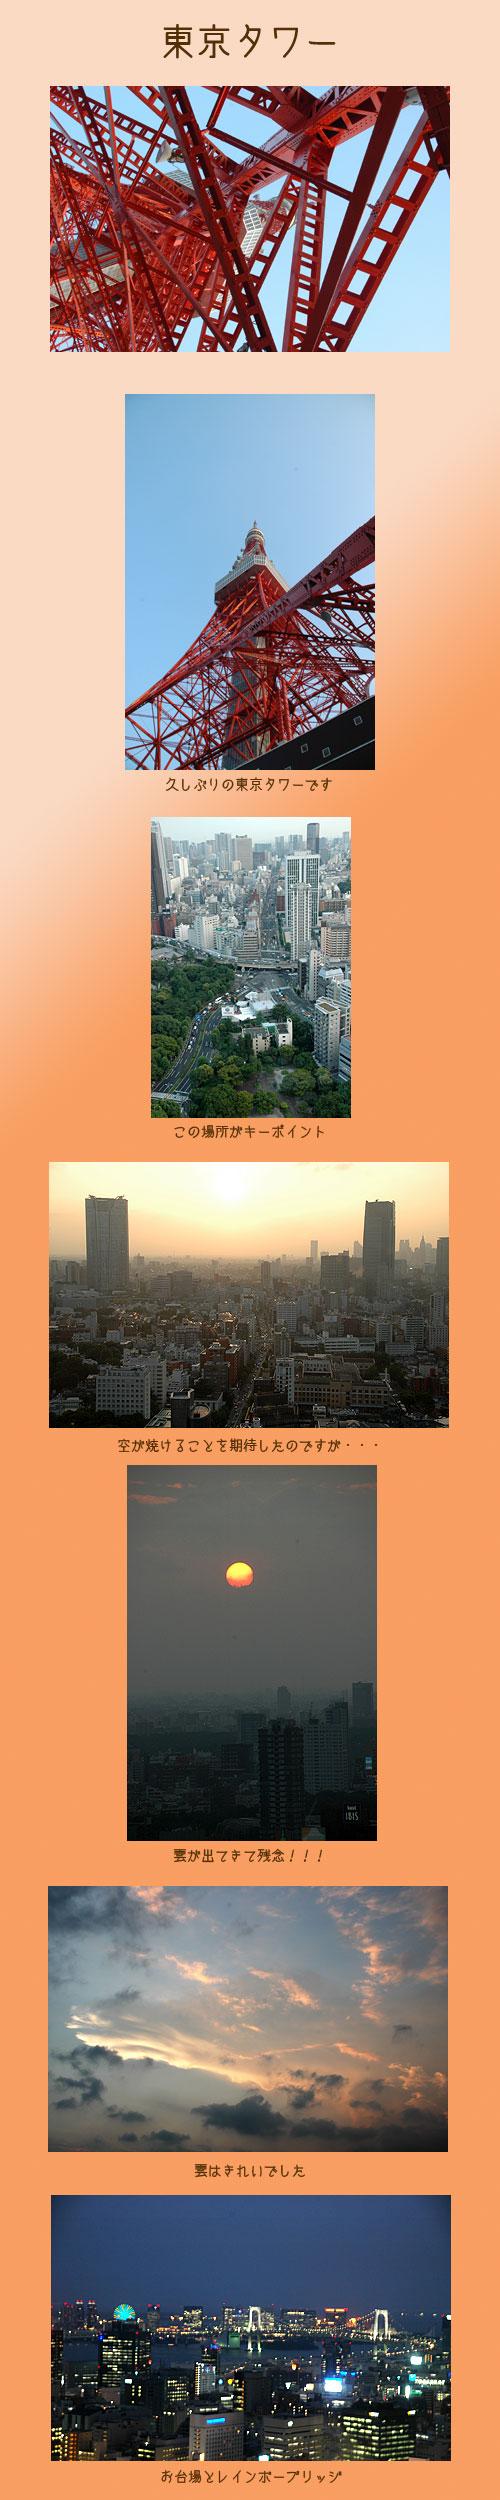 7月29日東京タワー1